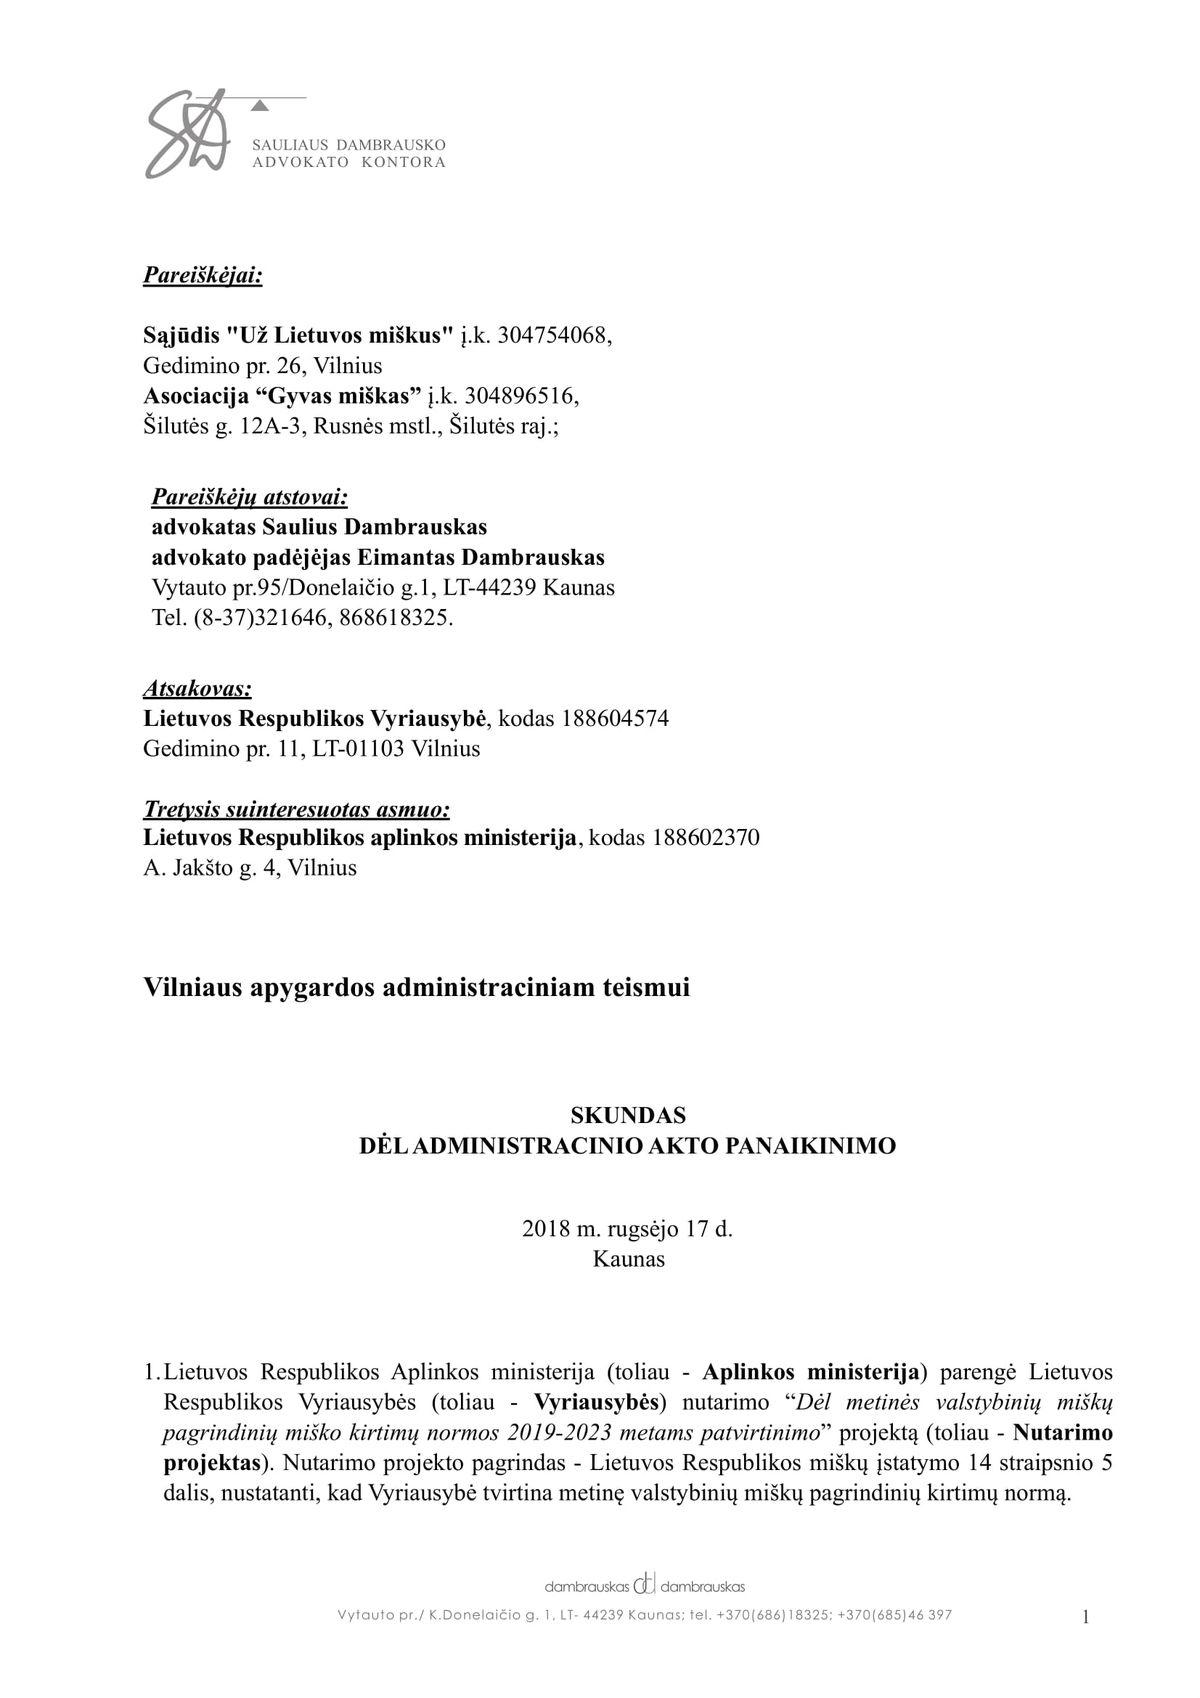 180917_skundas_teismui-1